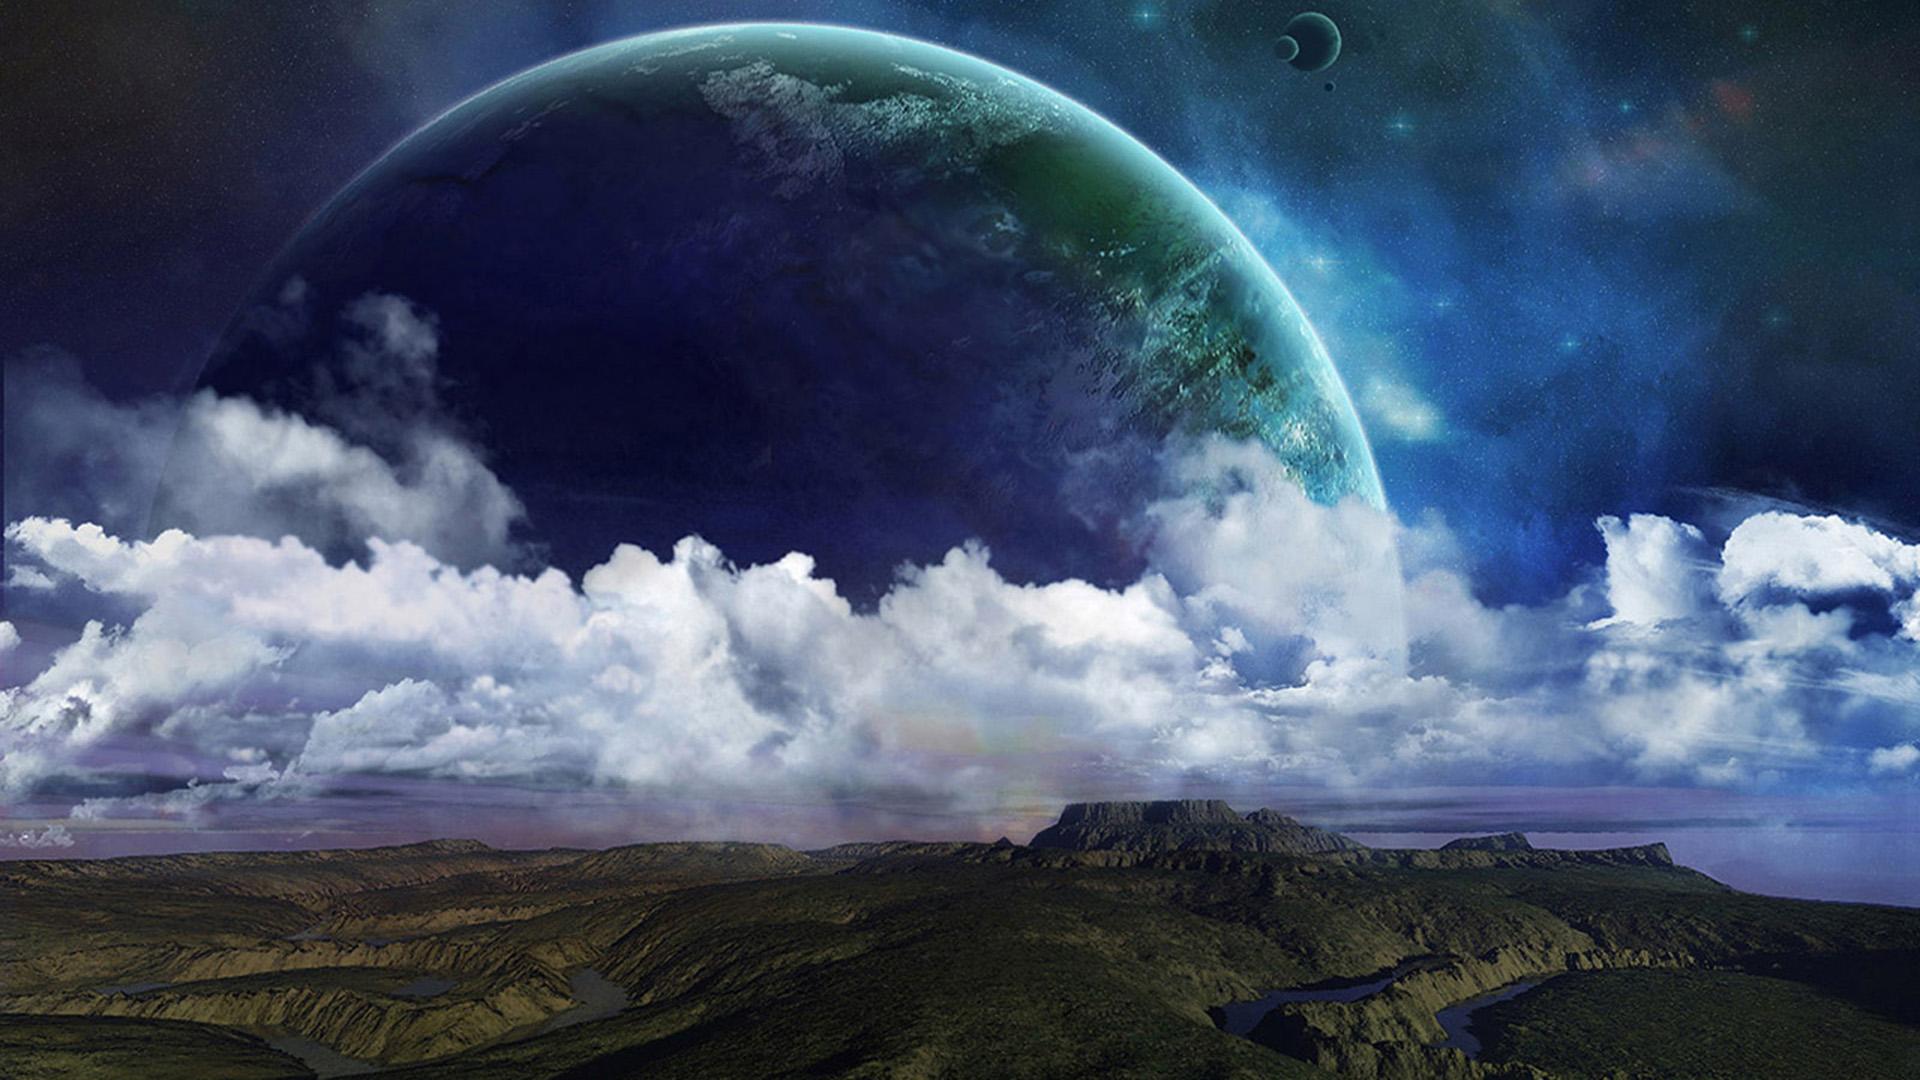 httpbitewallpaperscom09 space sci fi earth wallpaper 2 2 28html 1920x1080